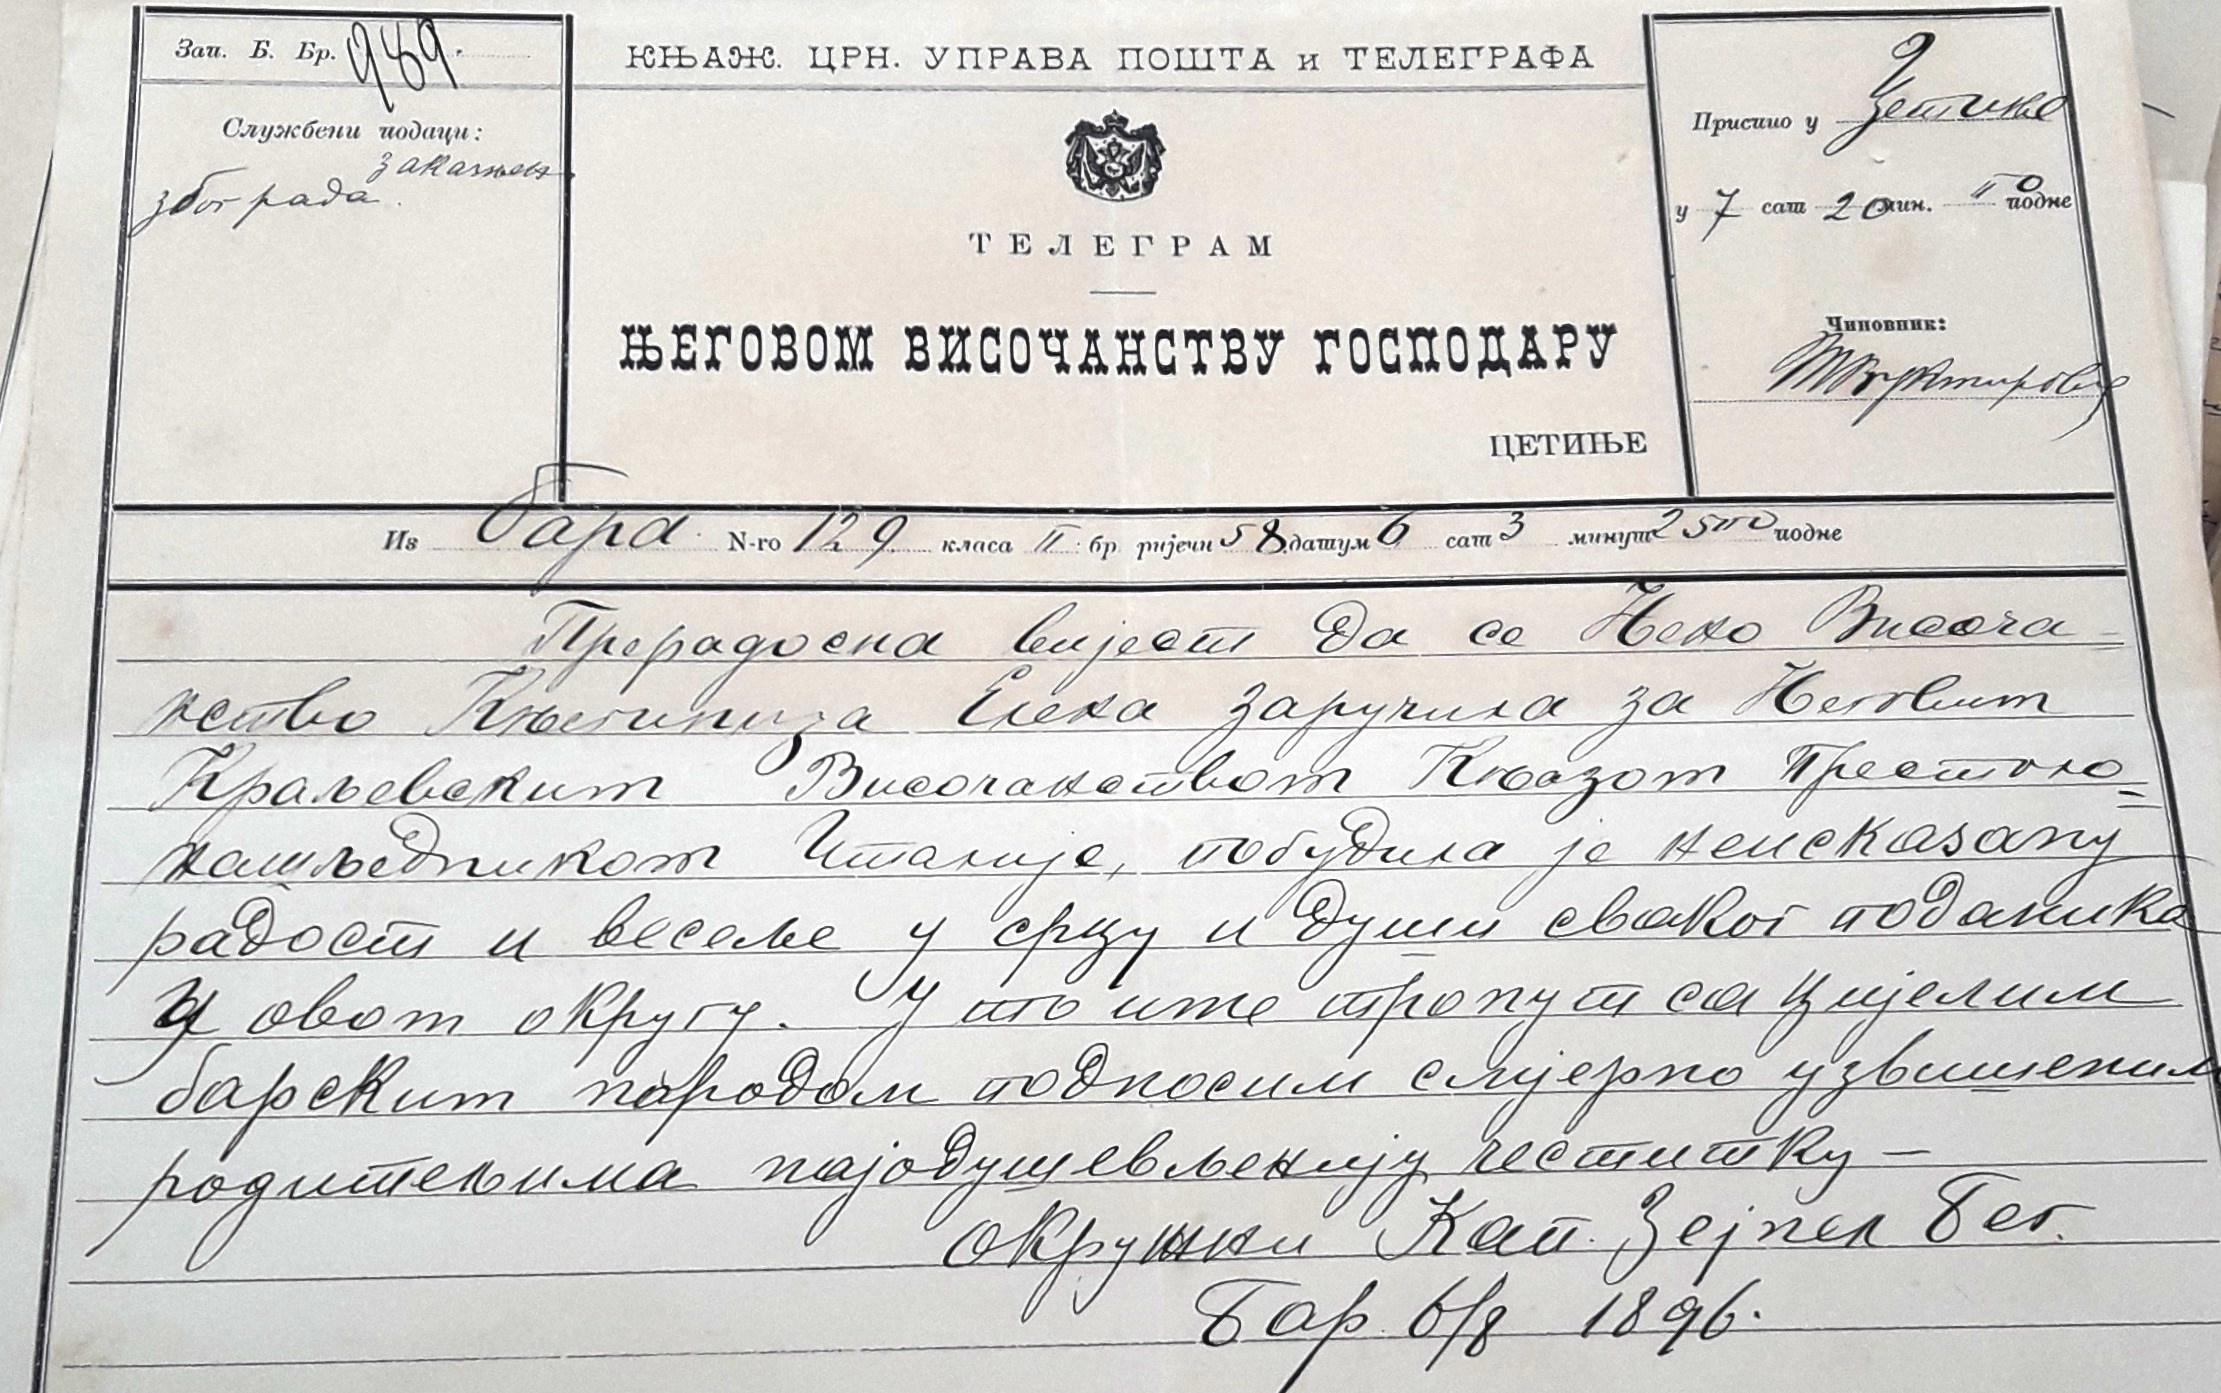 6. Čestitka barskog kapetana Zejnel bega na vjeridbi princeze Jelene Petrović Njegoš i italijanskog prestolonasljednika Vitorija Savoje, 6.08.1896.